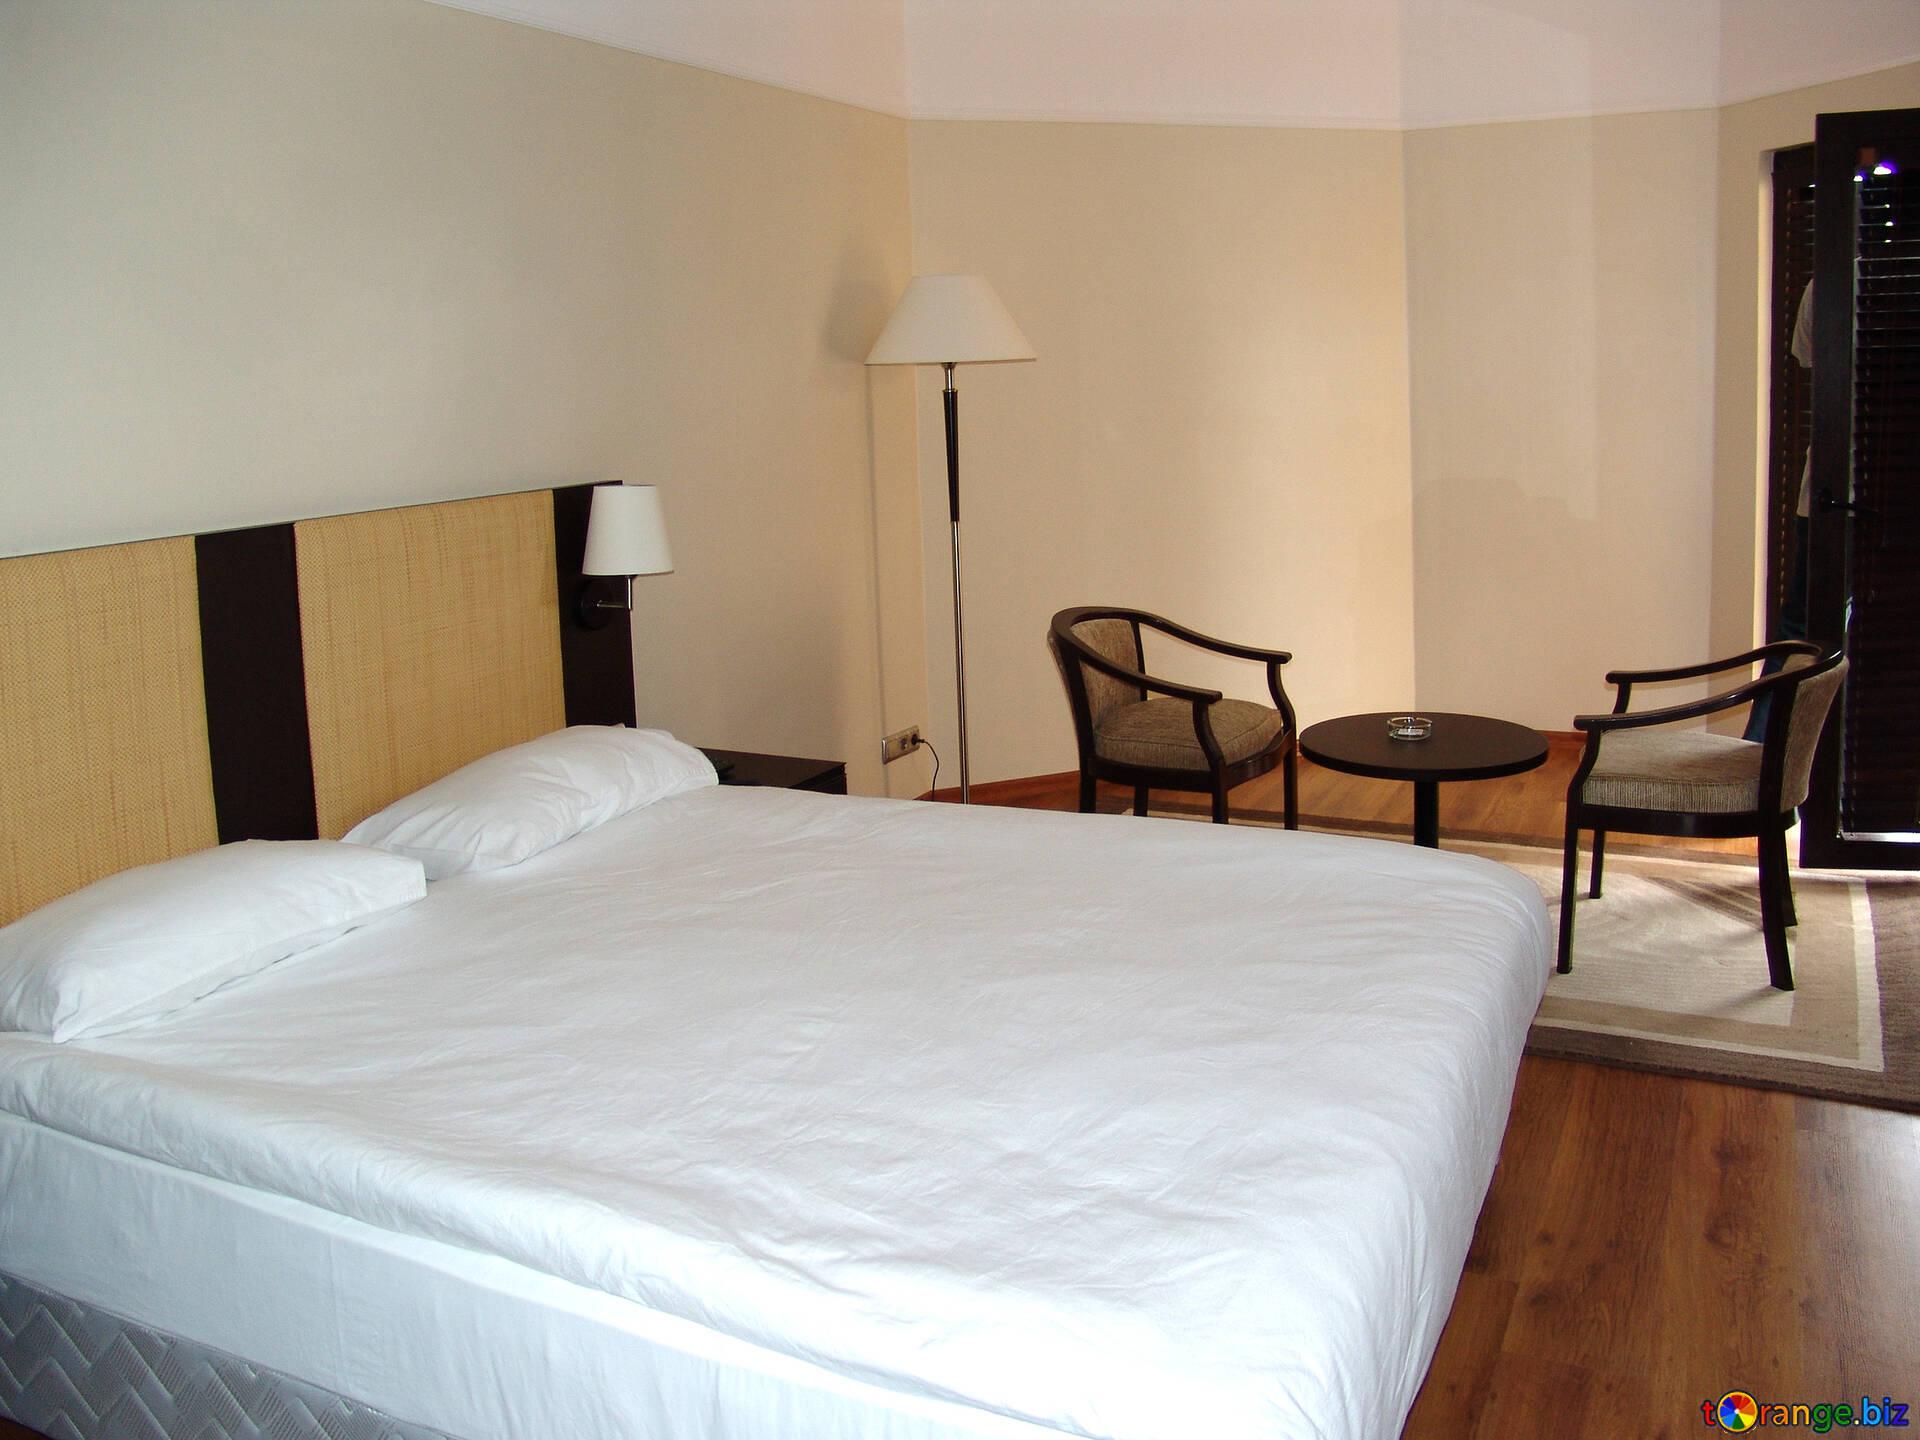 Fußboden Schlafzimmer Komplett ~ Stühle fußboden lampe schlafzimmer möbel №